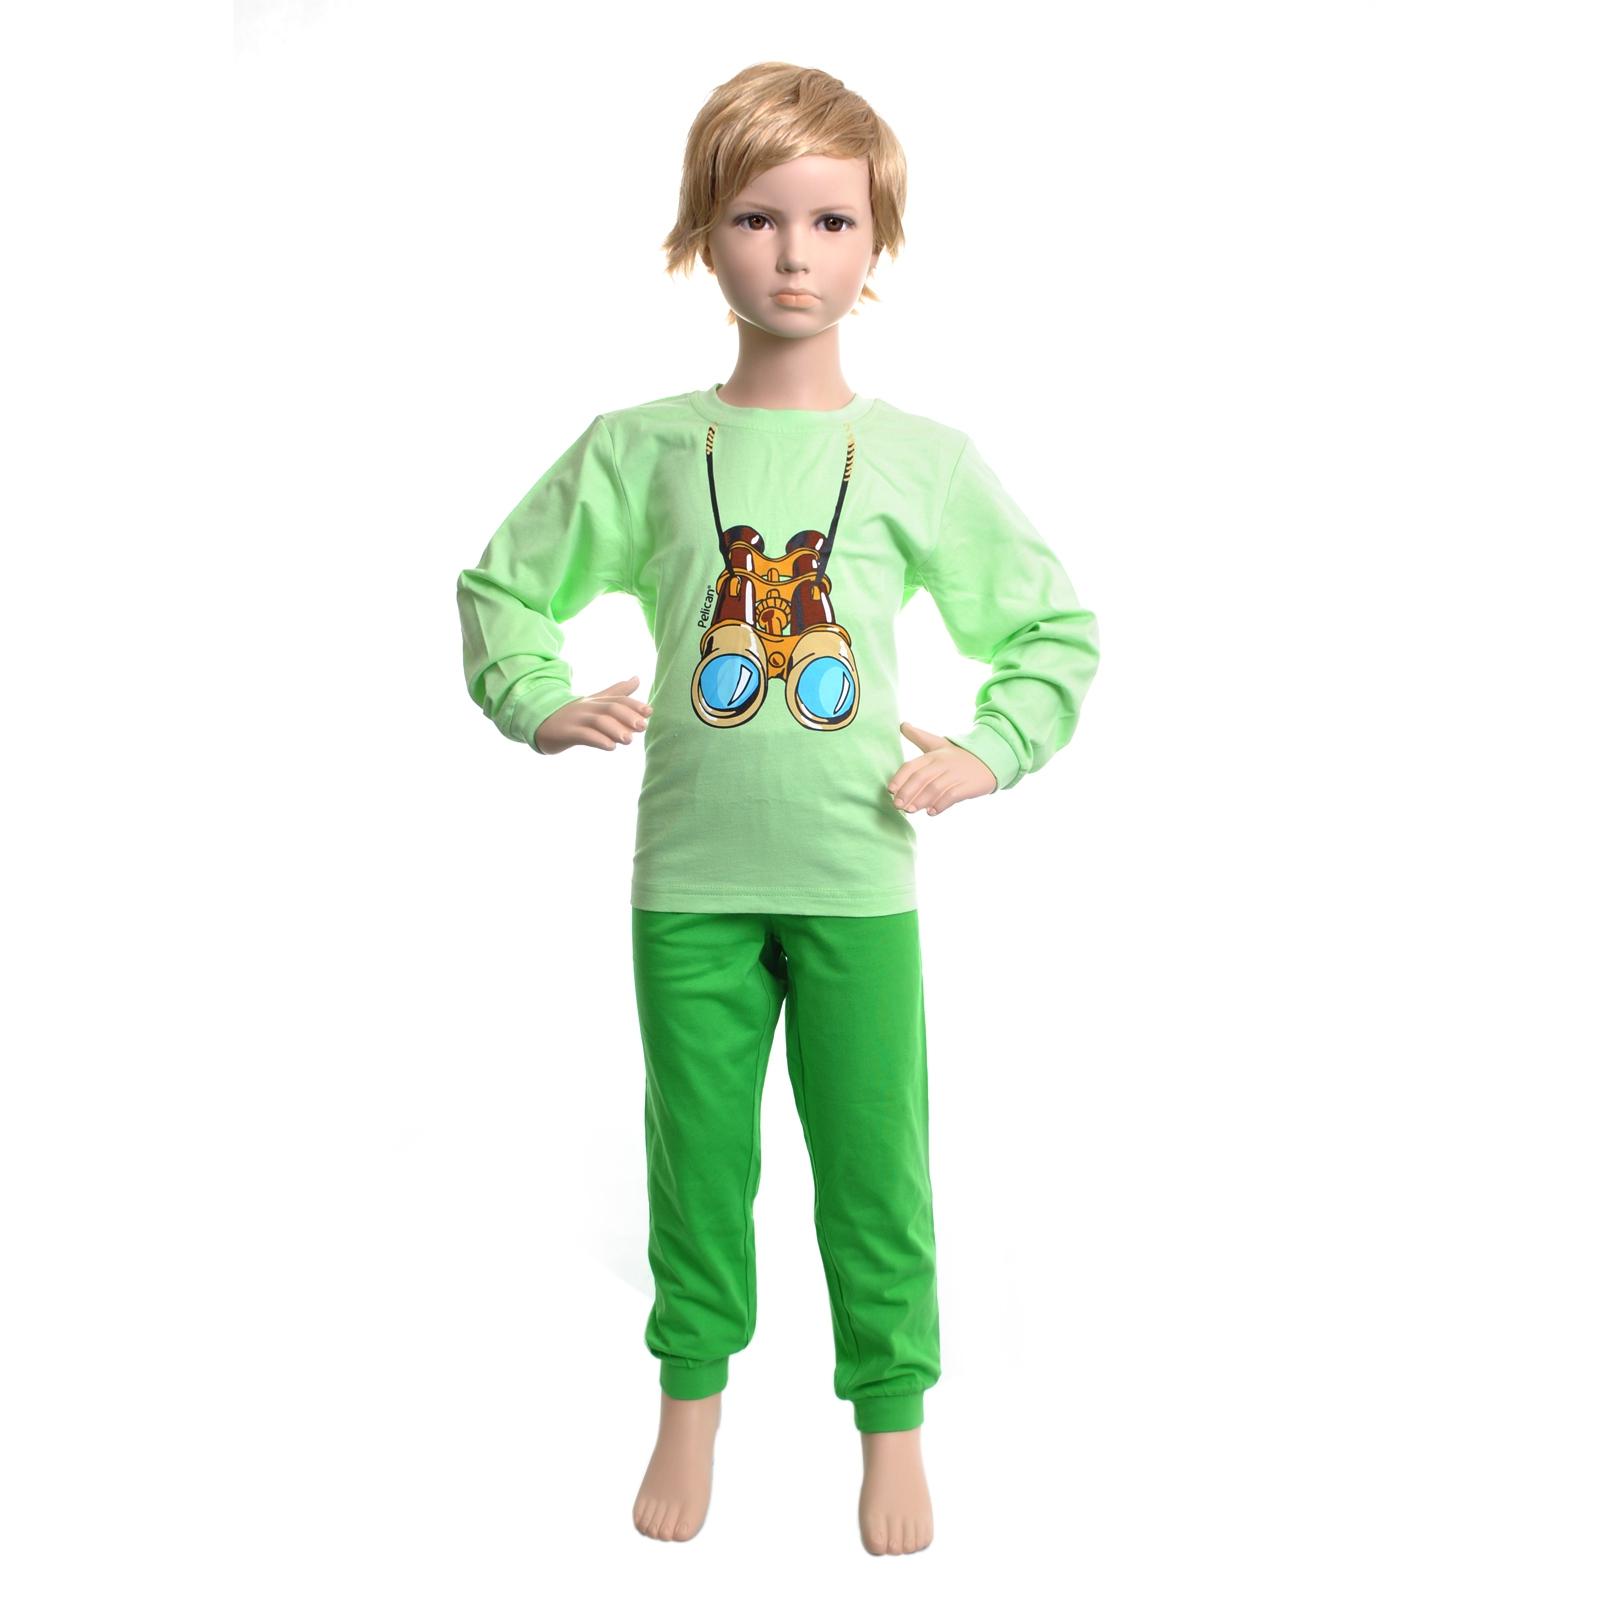 Пижама Pelican цвет Зеленый BNJP295 возраст 4 года